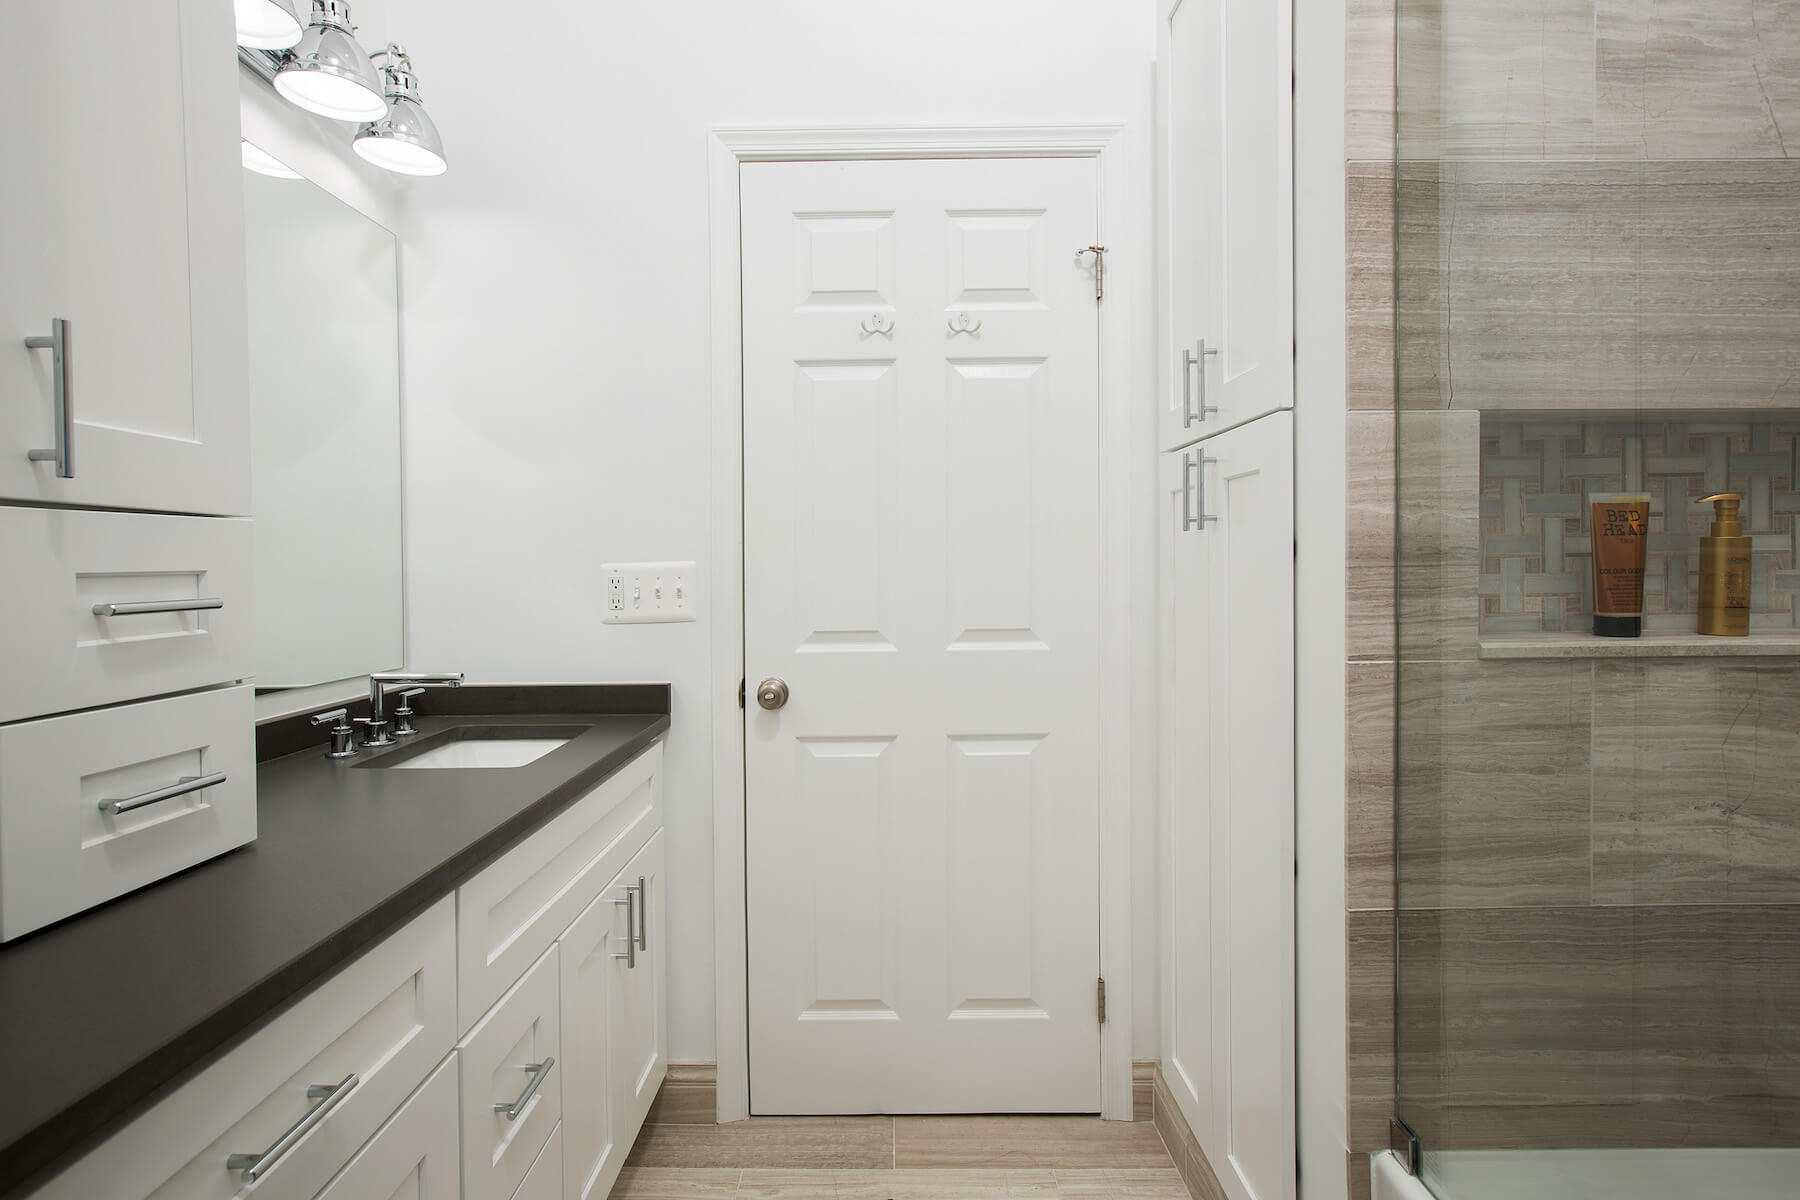 bathroom0-19-17_899